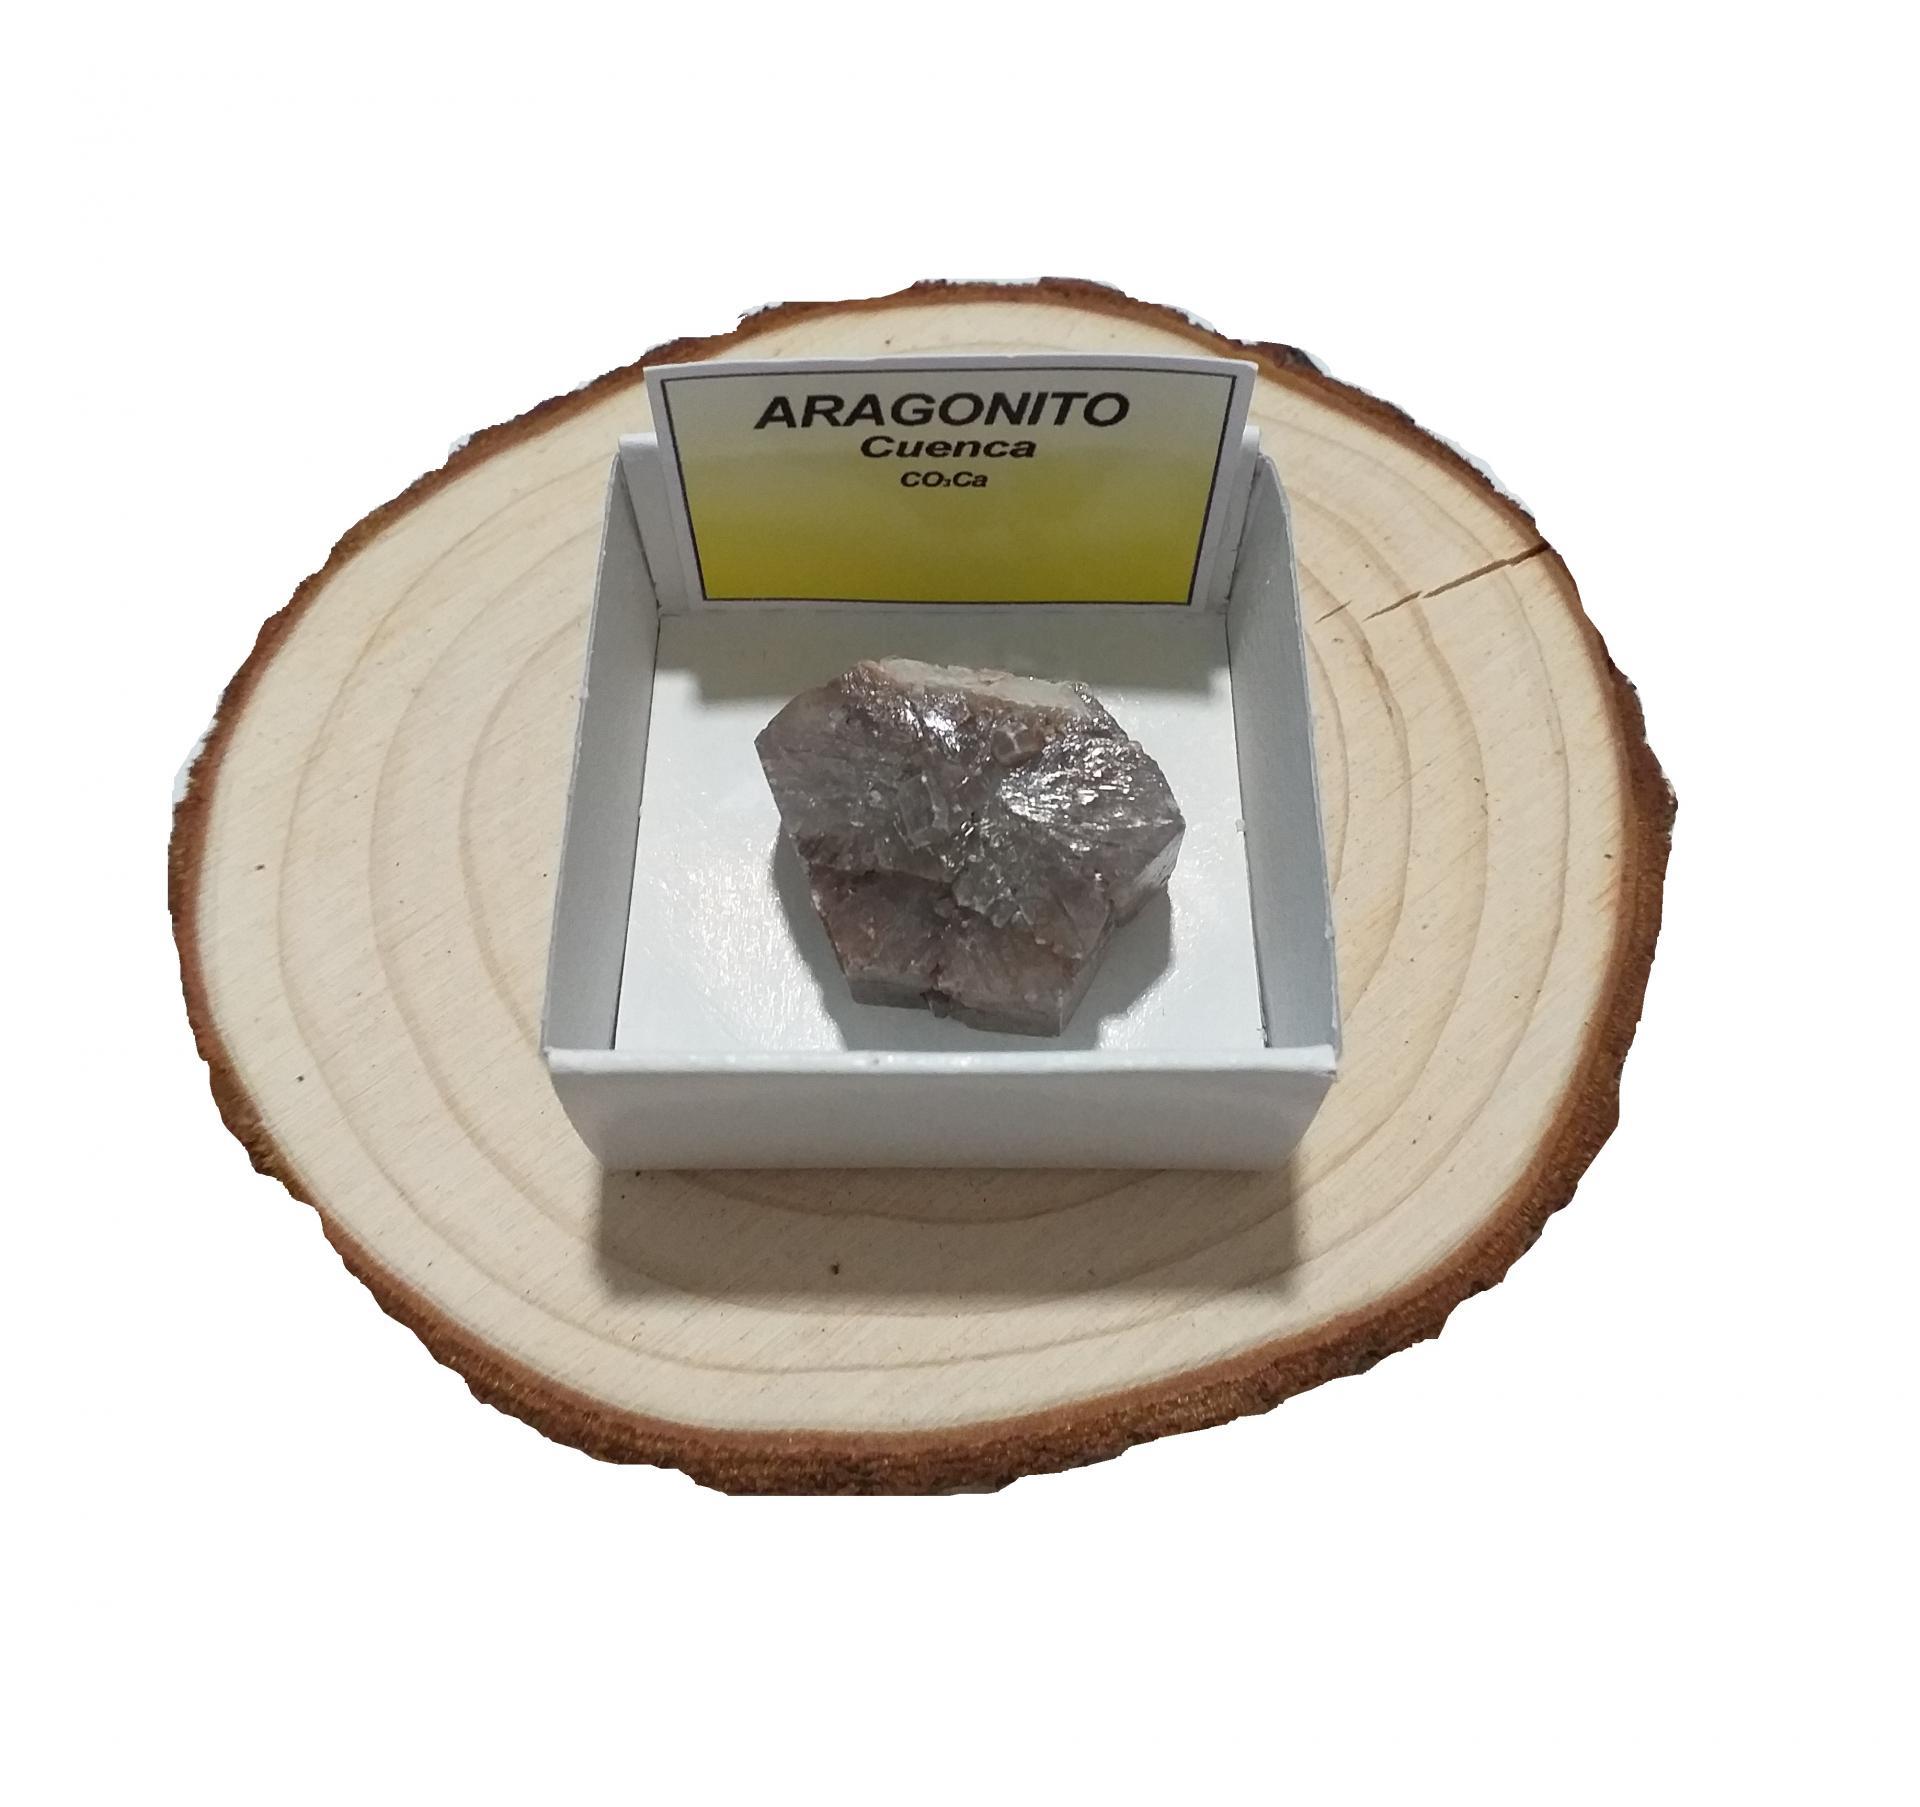 Aragonito